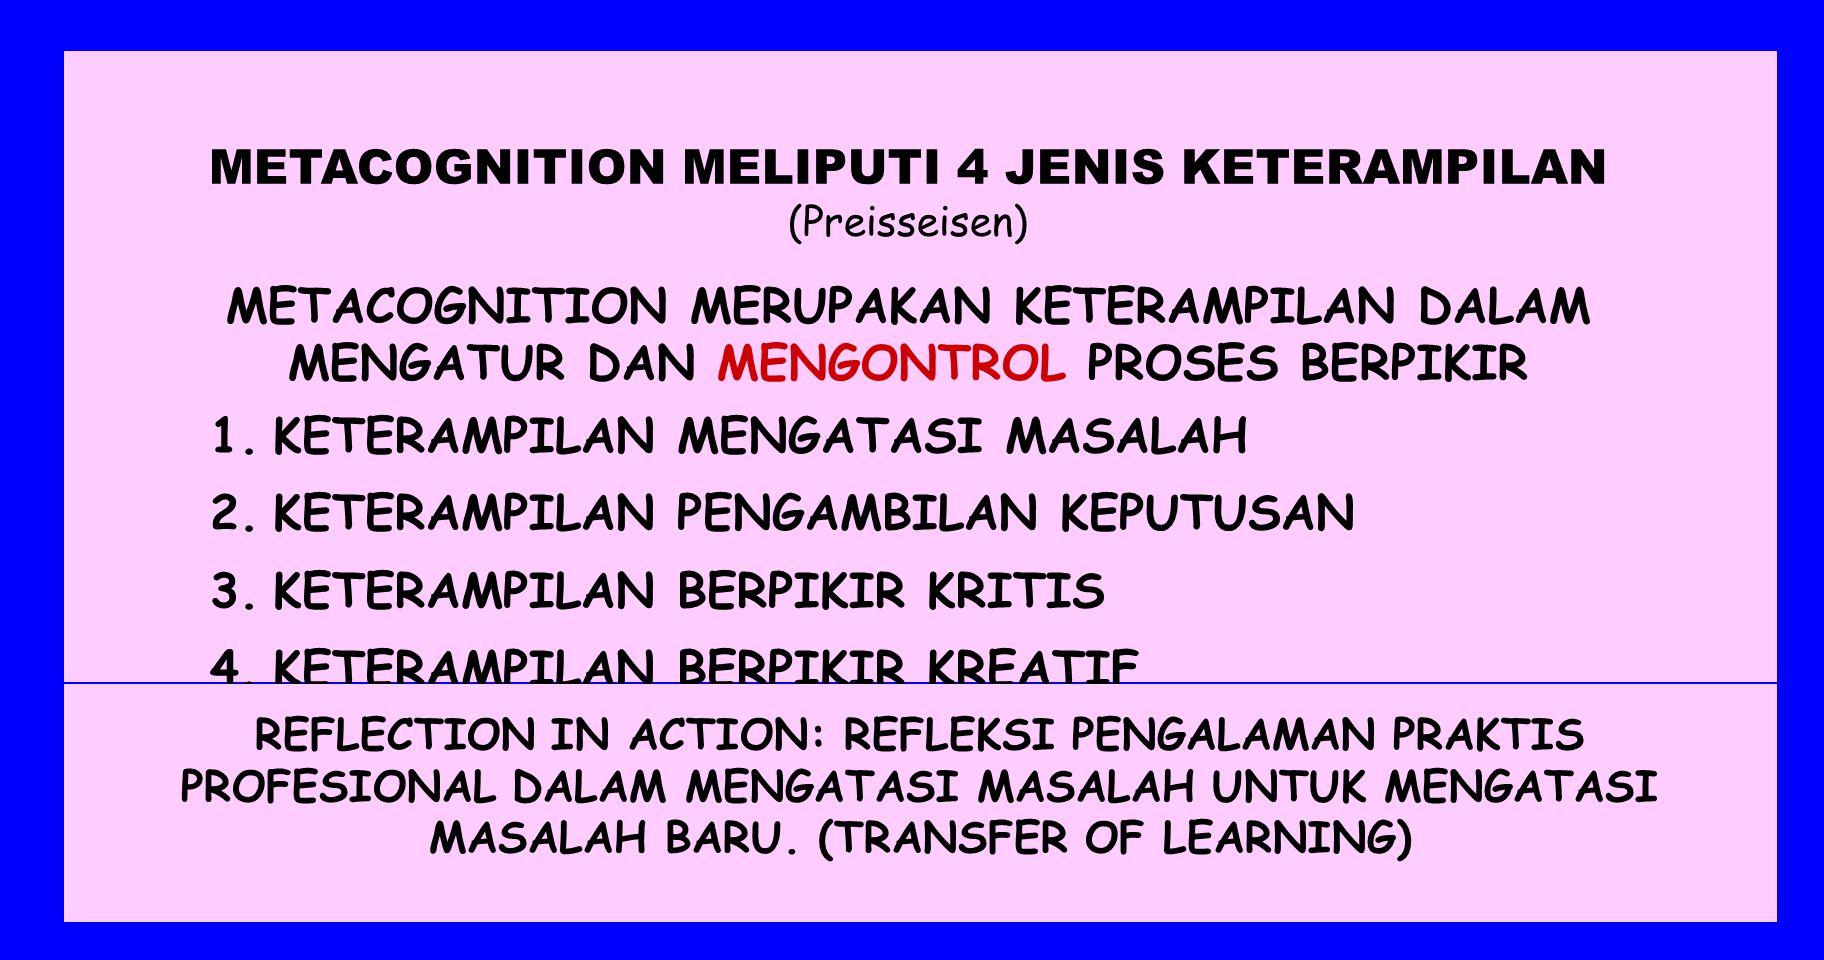 LATAR BELAKANG STRATEGI KOGNITIF SK B ERDASARKAN PARADIGMA KONSTRUKTIVISME, TEORI META COGNITION DAN REFLECTION IN ACTION 1.KEPERCAYAAN, NILAI, DAN NORMA, MOTIVASI, PENGETAHUAN, DAN KETERAMPILAN SESEORANG, SANGAT BERPENGARUH TERHADAP STRATEGI DAN KEMAMPUAN MENGHADAPI ATAU MEMECAHKAN PERMASALAHANNYA 2.PERMASALAHAN YANG DIHADAPI SETIAP ORANG TIDAK TERLEPAS DARI KONTEKSNYA 3.STRATEGI DAN KEMAMPUAN SESEORANG DALAM MENGHADAPI MASALAH ITU ADALAH UNIK 4.POLA DASAR STRATEGI ITU DAPAT DIPELAJARI